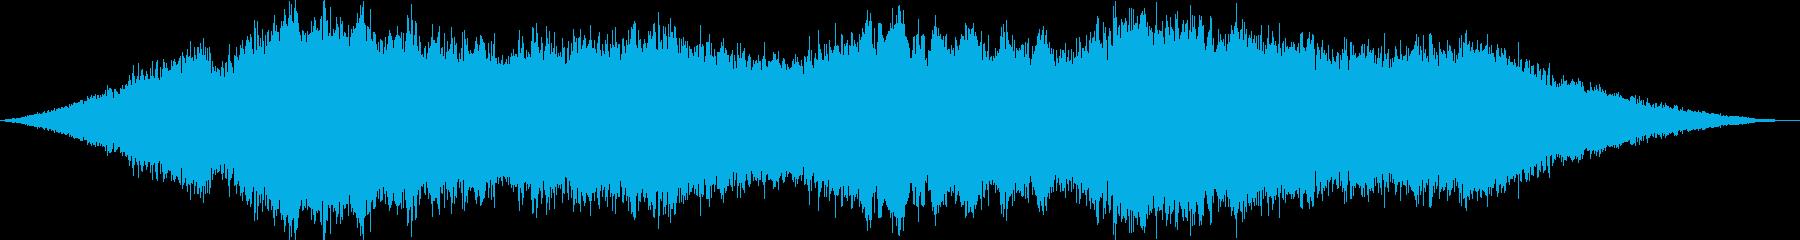 シネマティックドローン 01 アトムの再生済みの波形